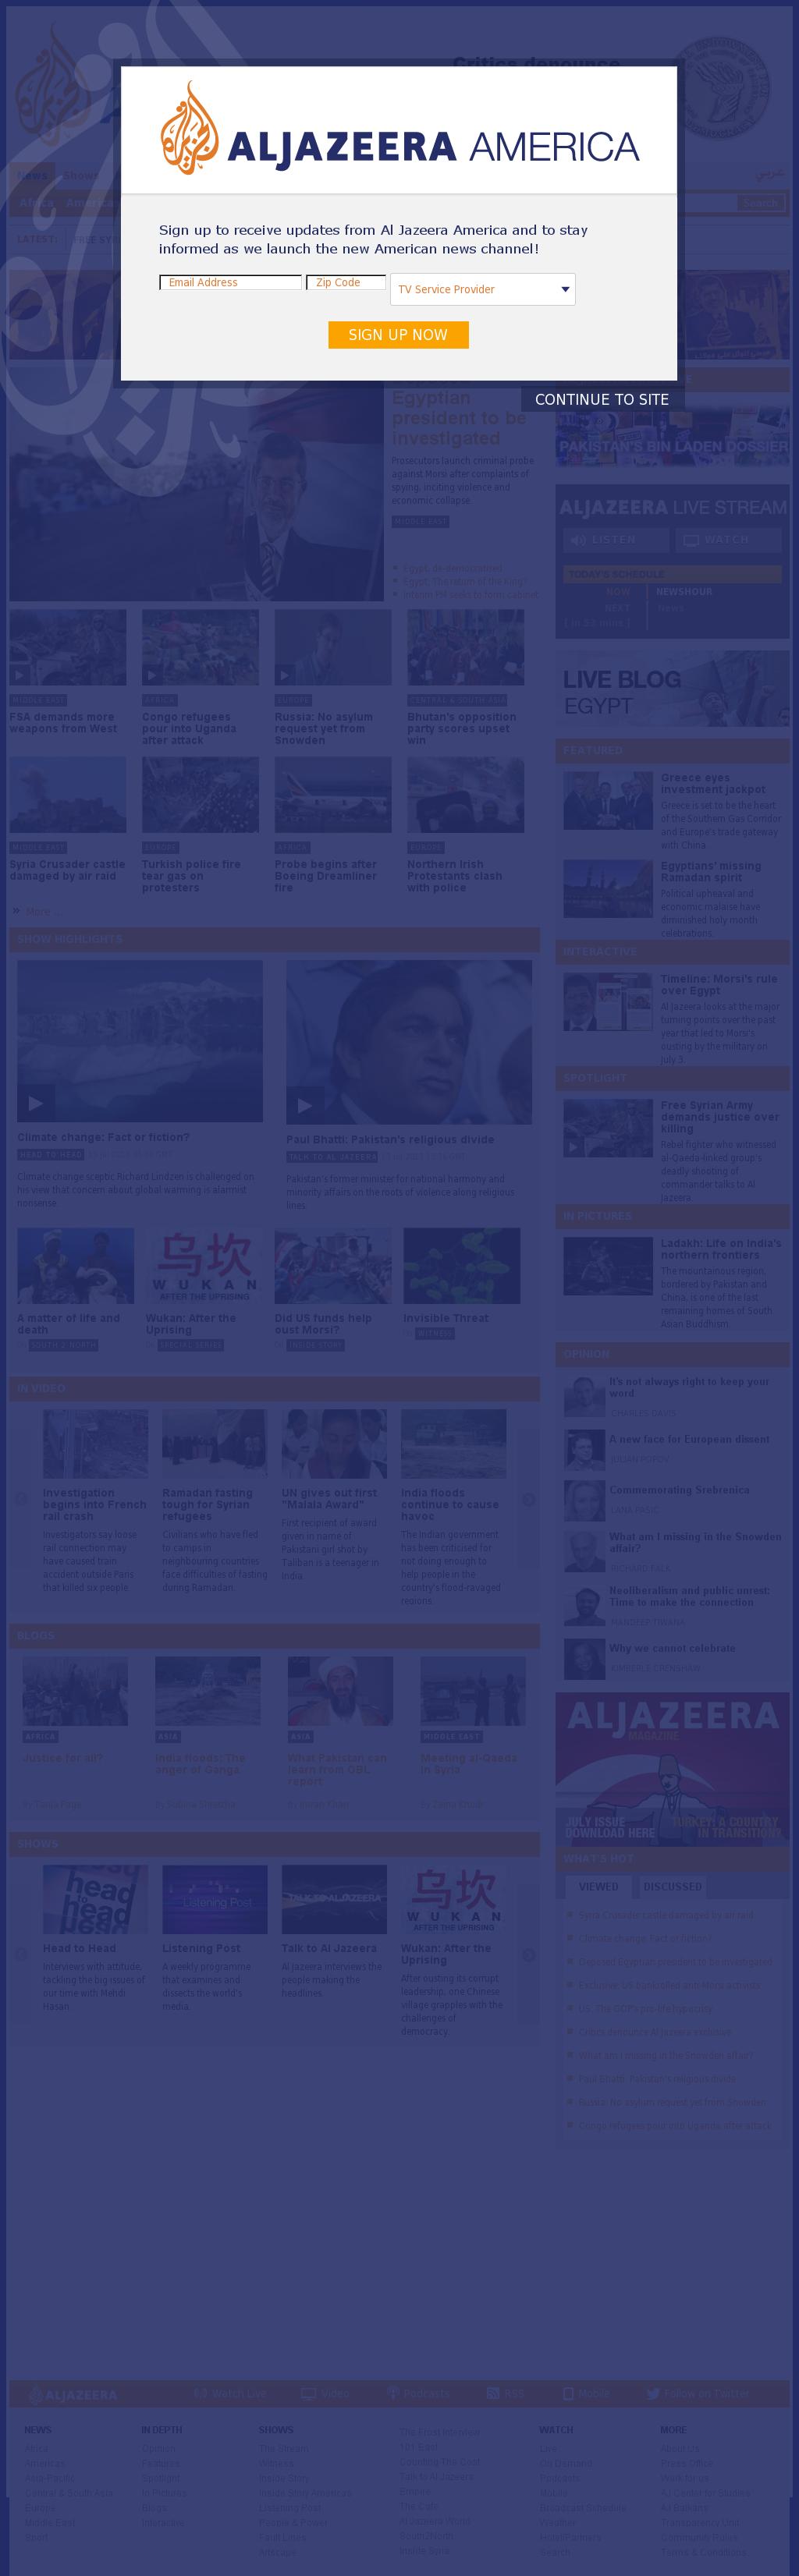 Al Jazeera (English) at Saturday July 13, 2013, 6:09 p.m. UTC